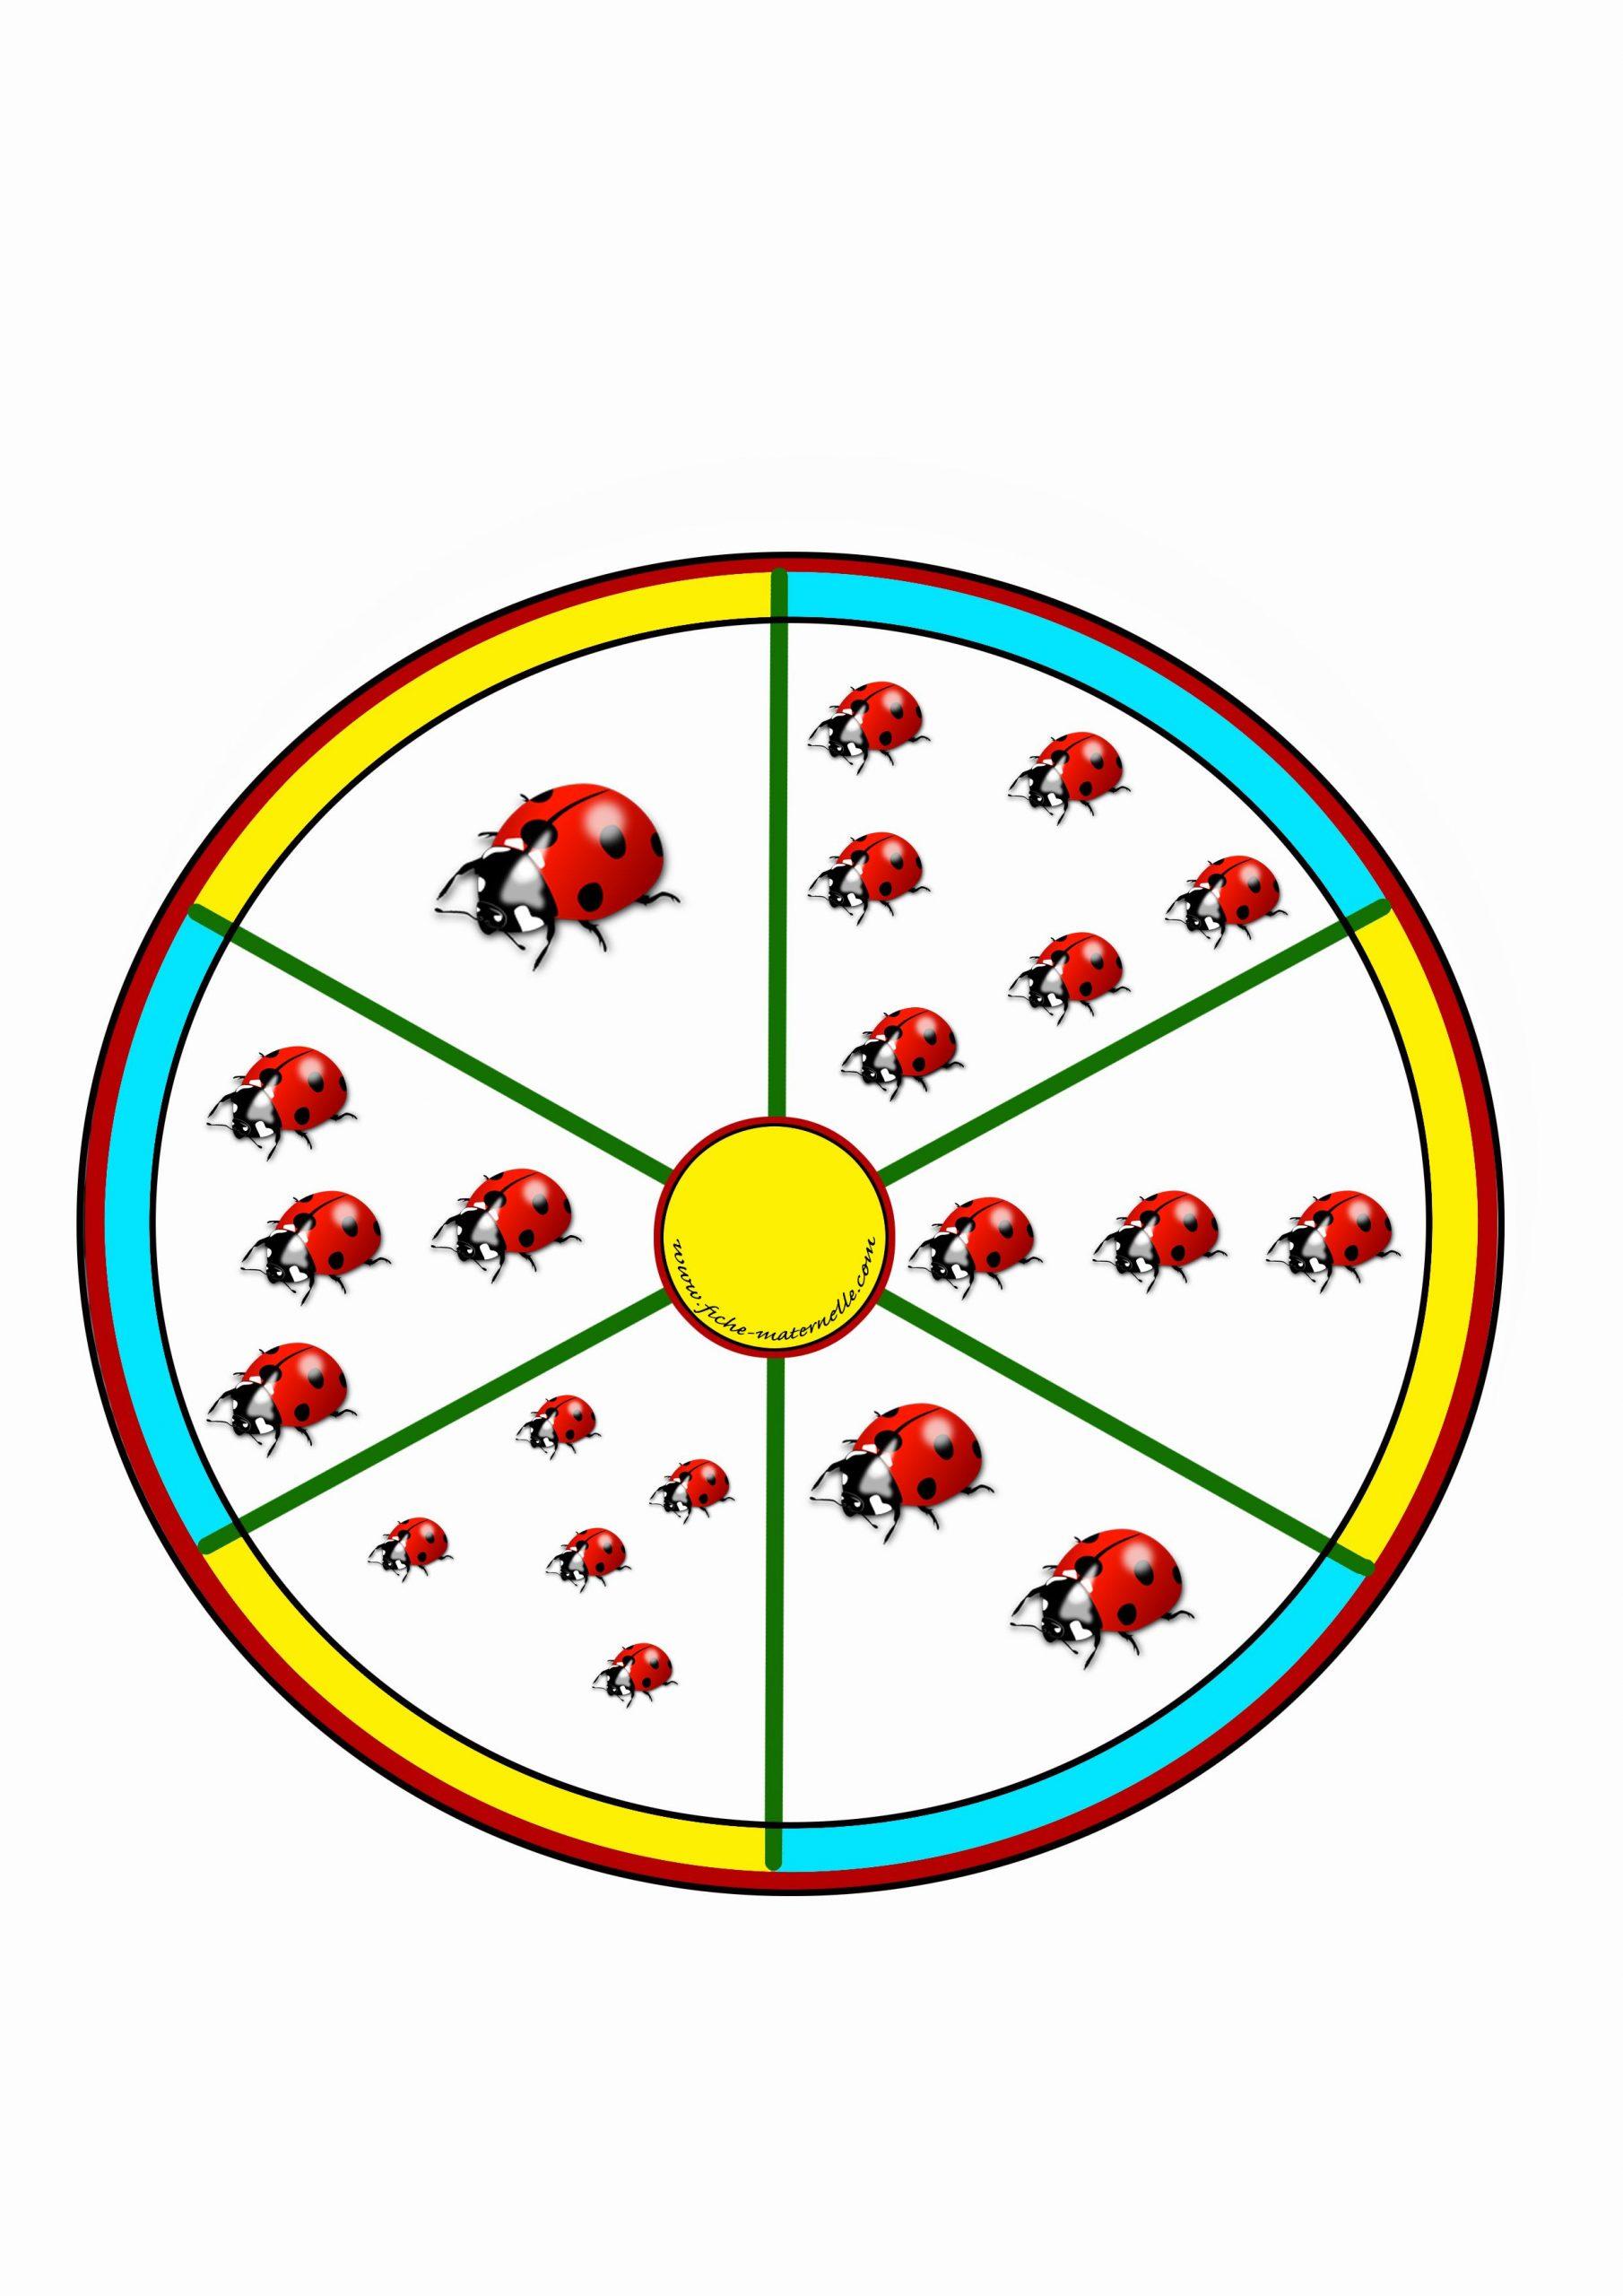 Jeu Mathématiques Maternelle,la Roue Des Nombres. Avec Pince concernant Jeux D Apprentissage Maternelle